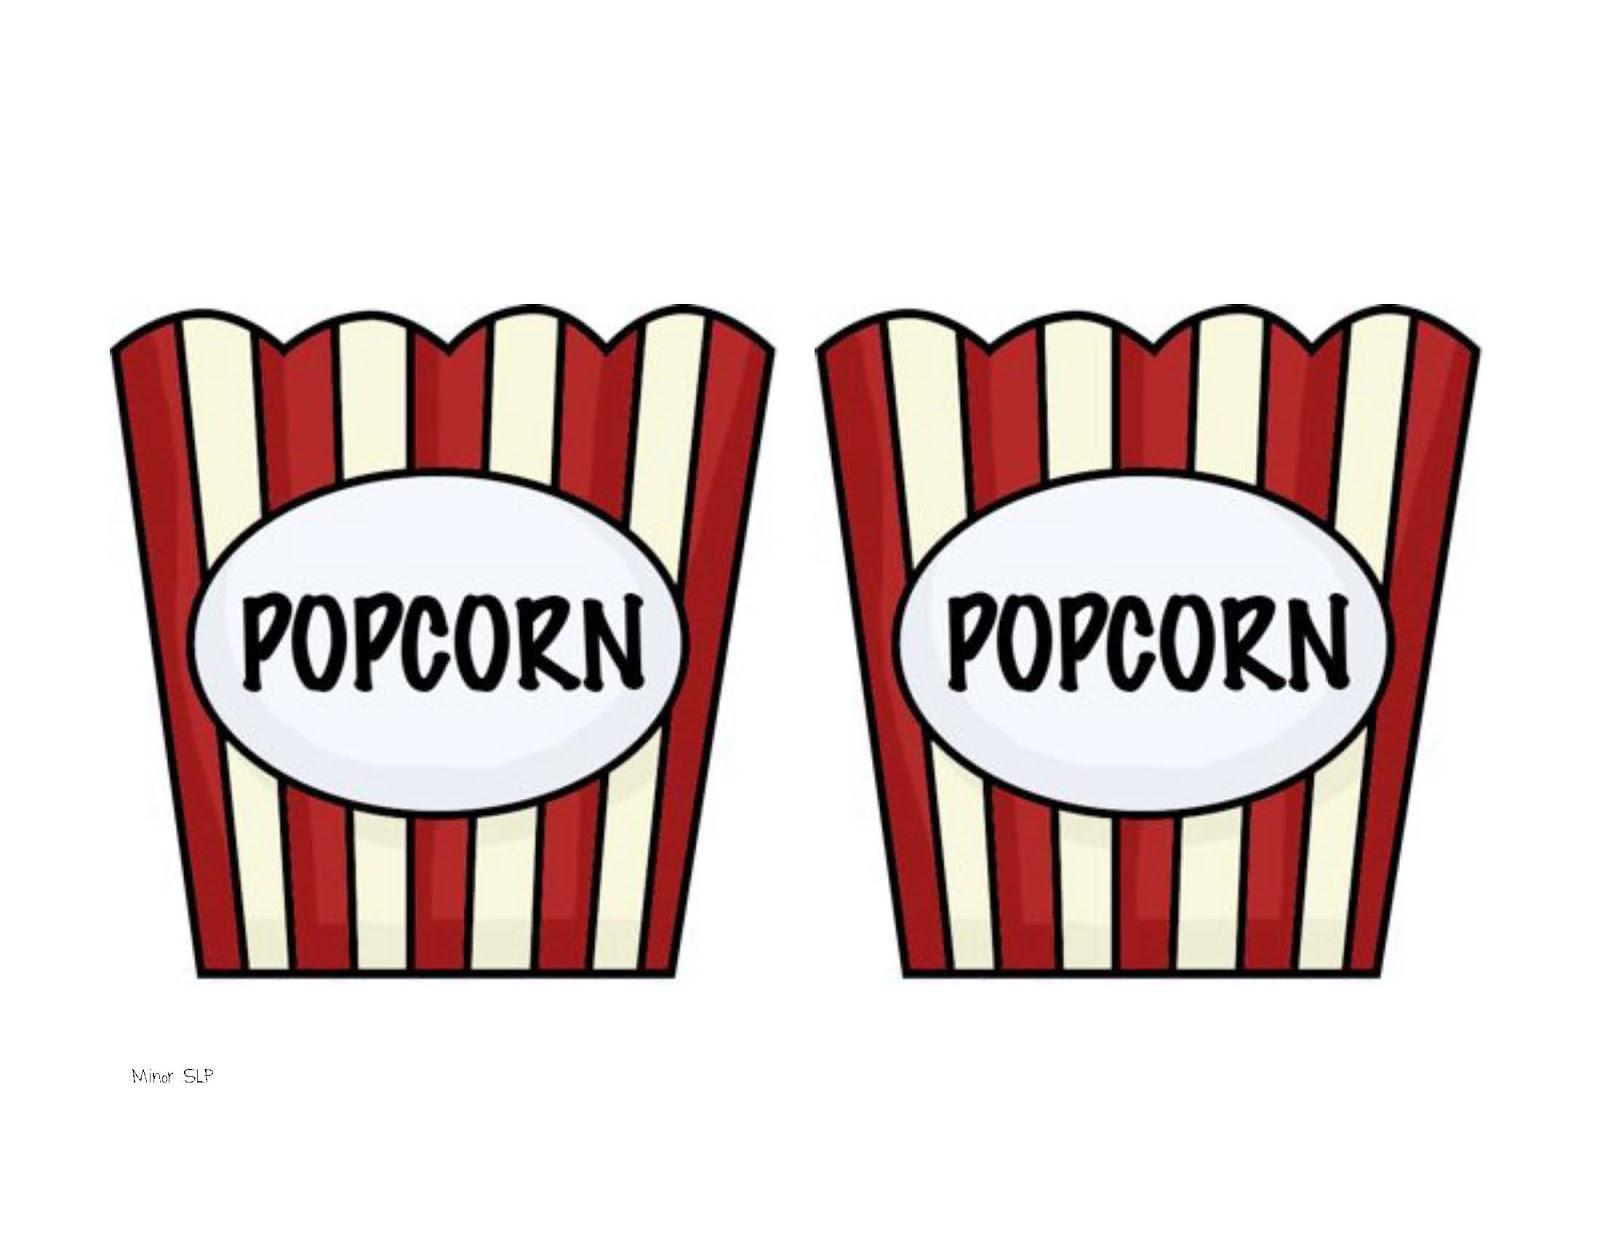 Popcorn kernel images about popcorn images on clip art